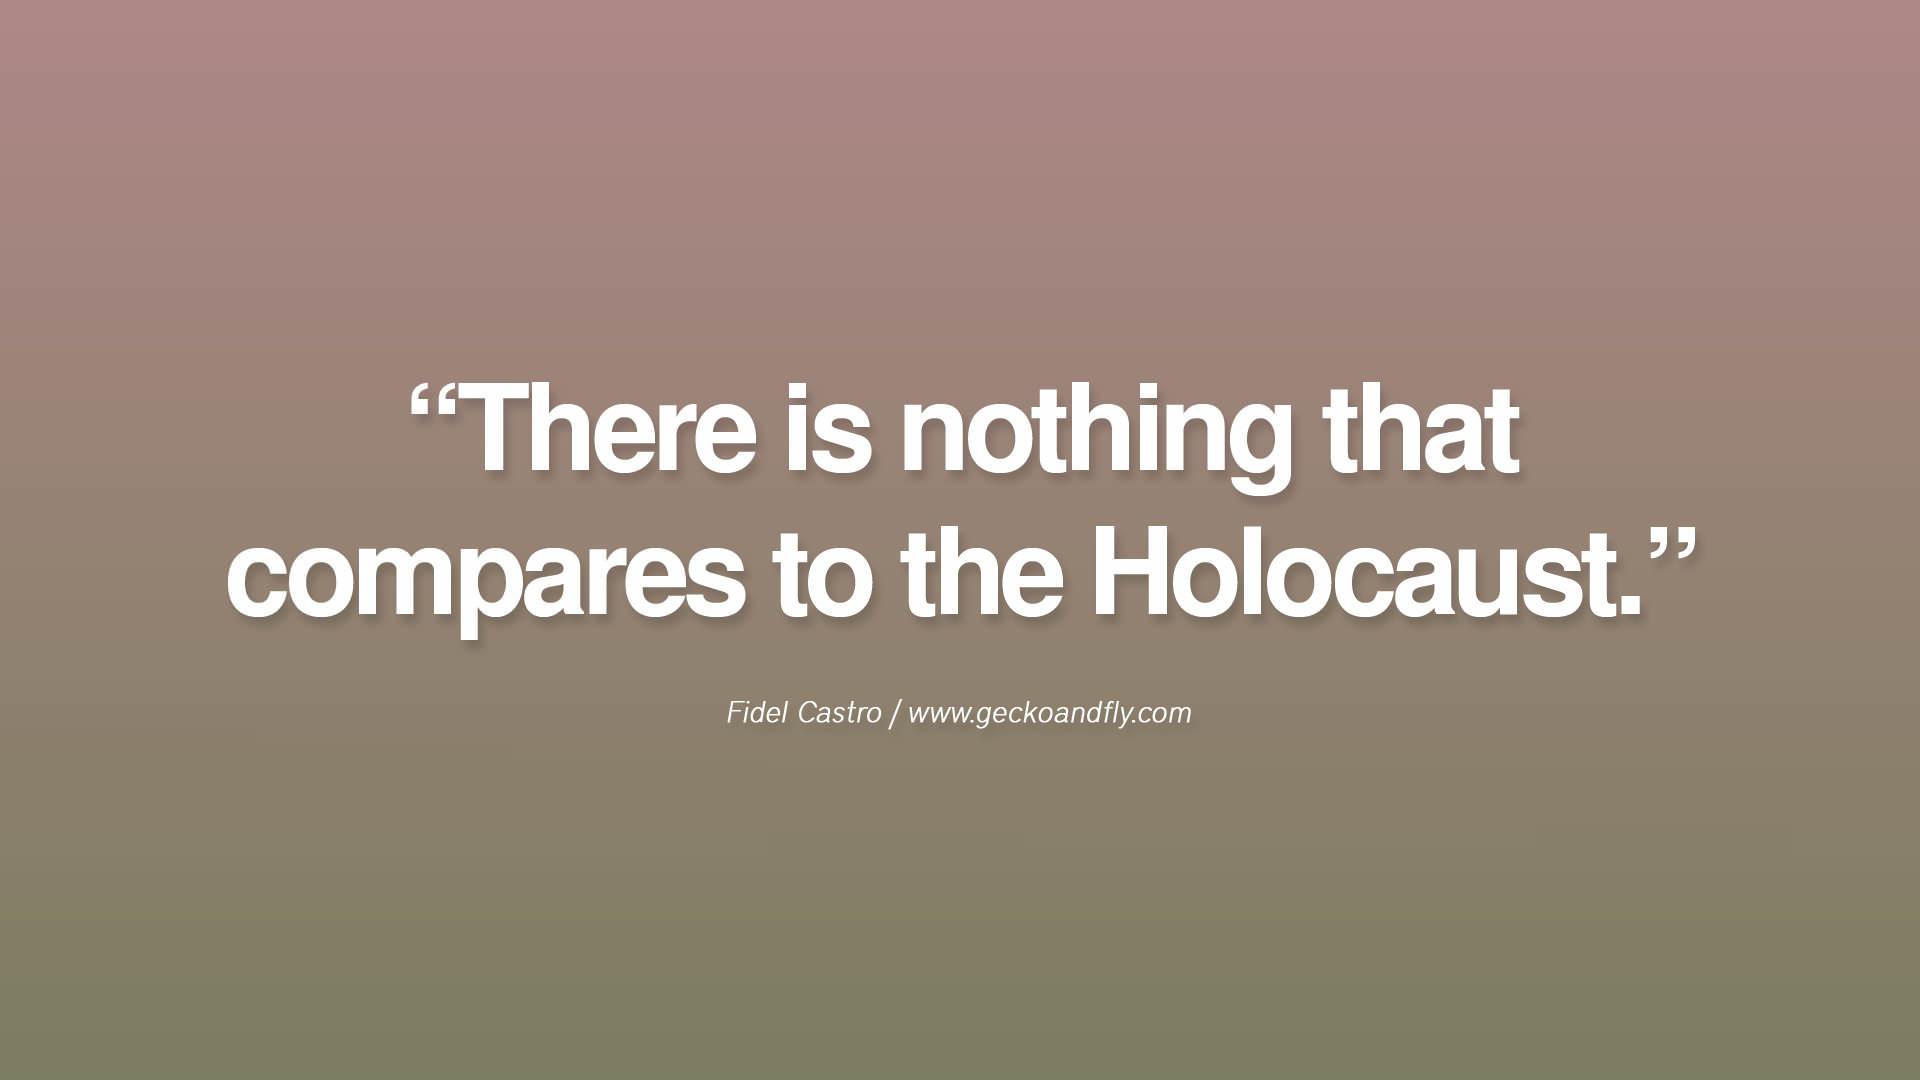 Revolution Quotes Quotesgram: Fidel Castro Revolution Quotes. QuotesGram